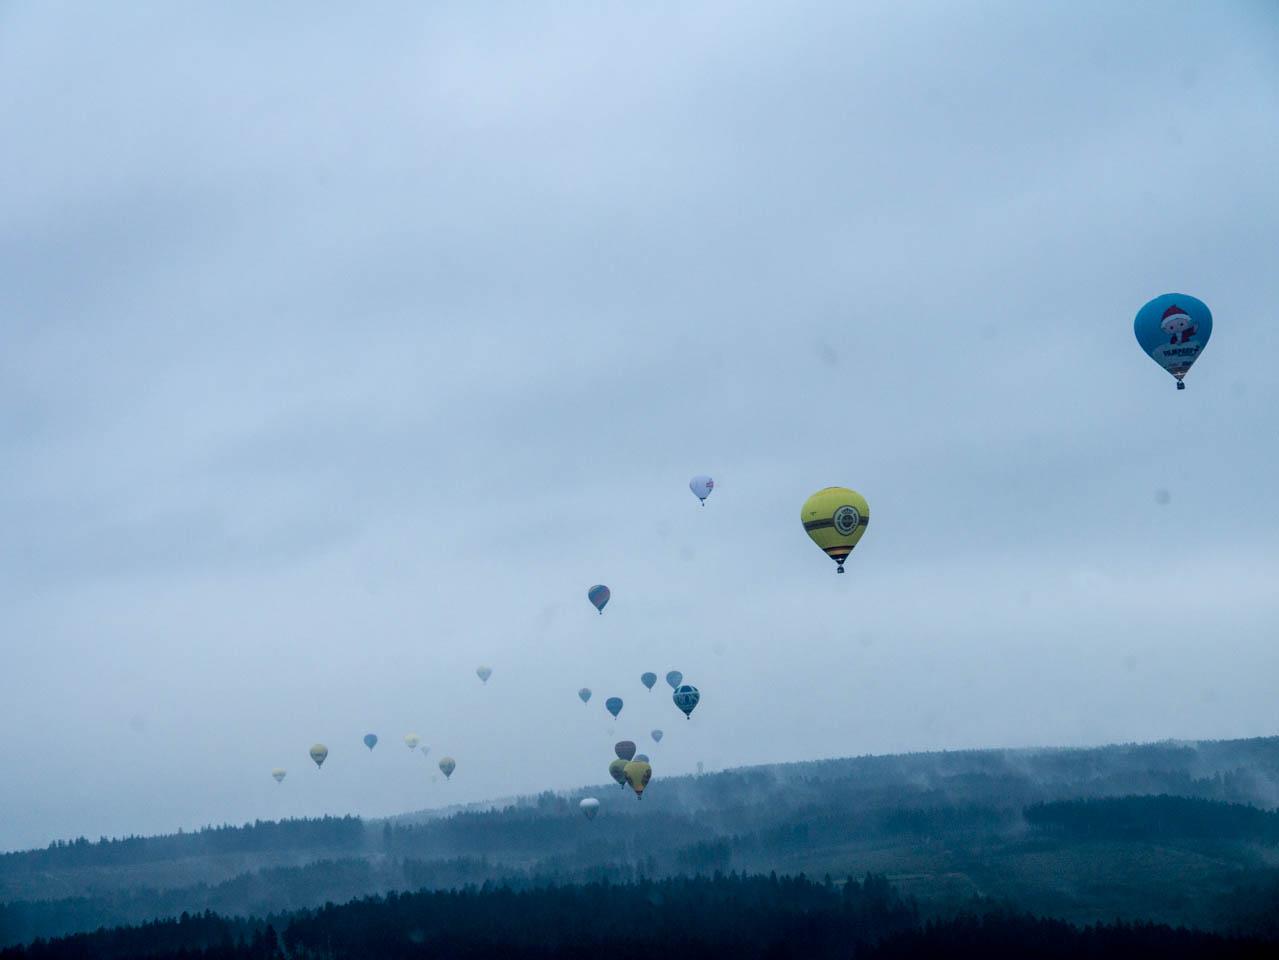 Ballone über sauerländer Nebel (1 von 1)